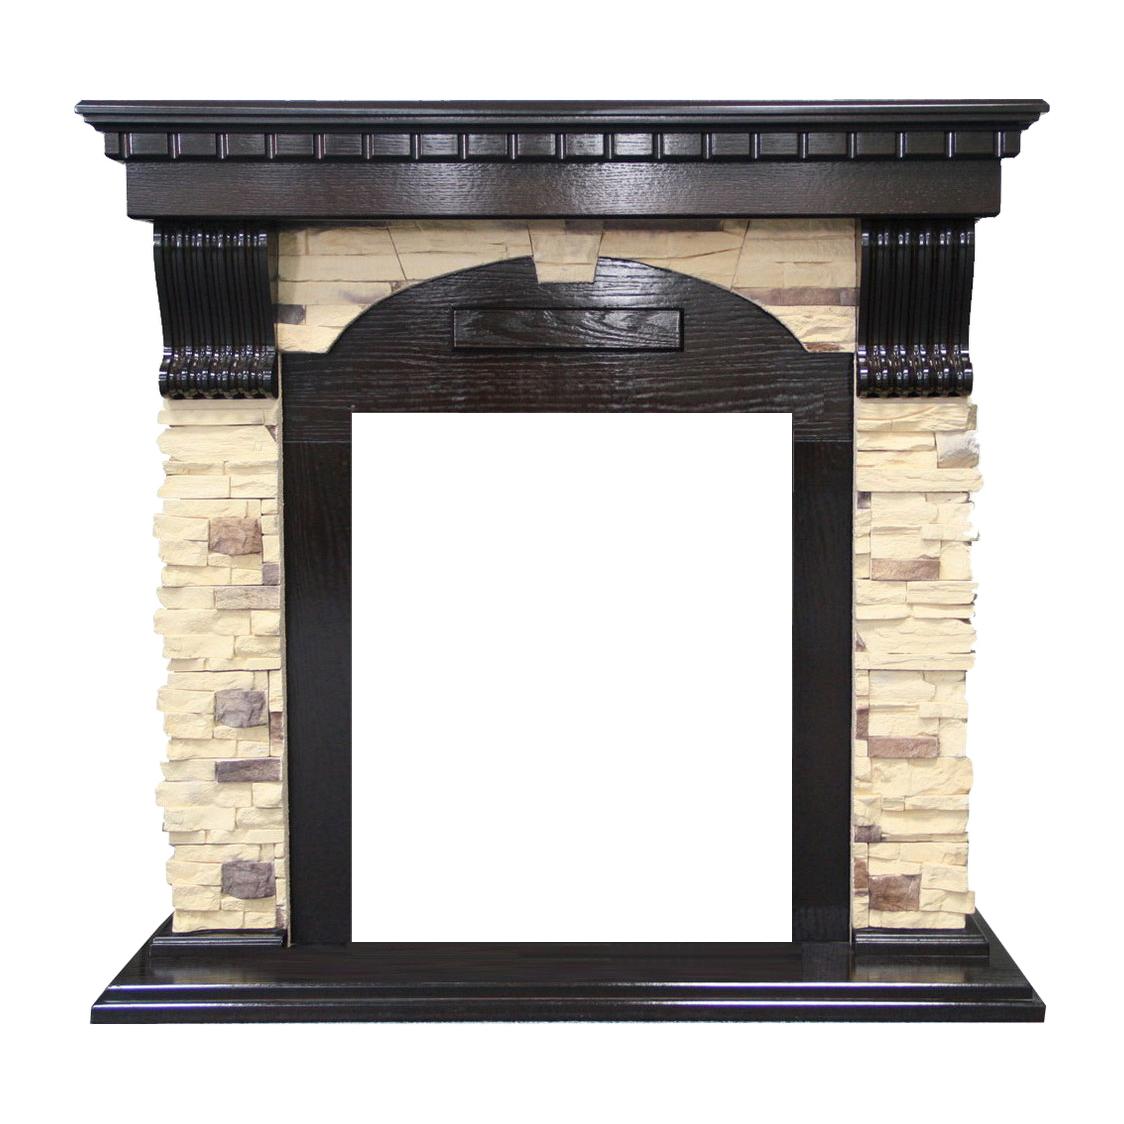 Фото - Портал Royal Flame Dublin угловой арочный сланец электрокамин с классическим очагом 2d royal flame royal flame dublin арочный сланец крем слоновая кость с очагом aspen gold